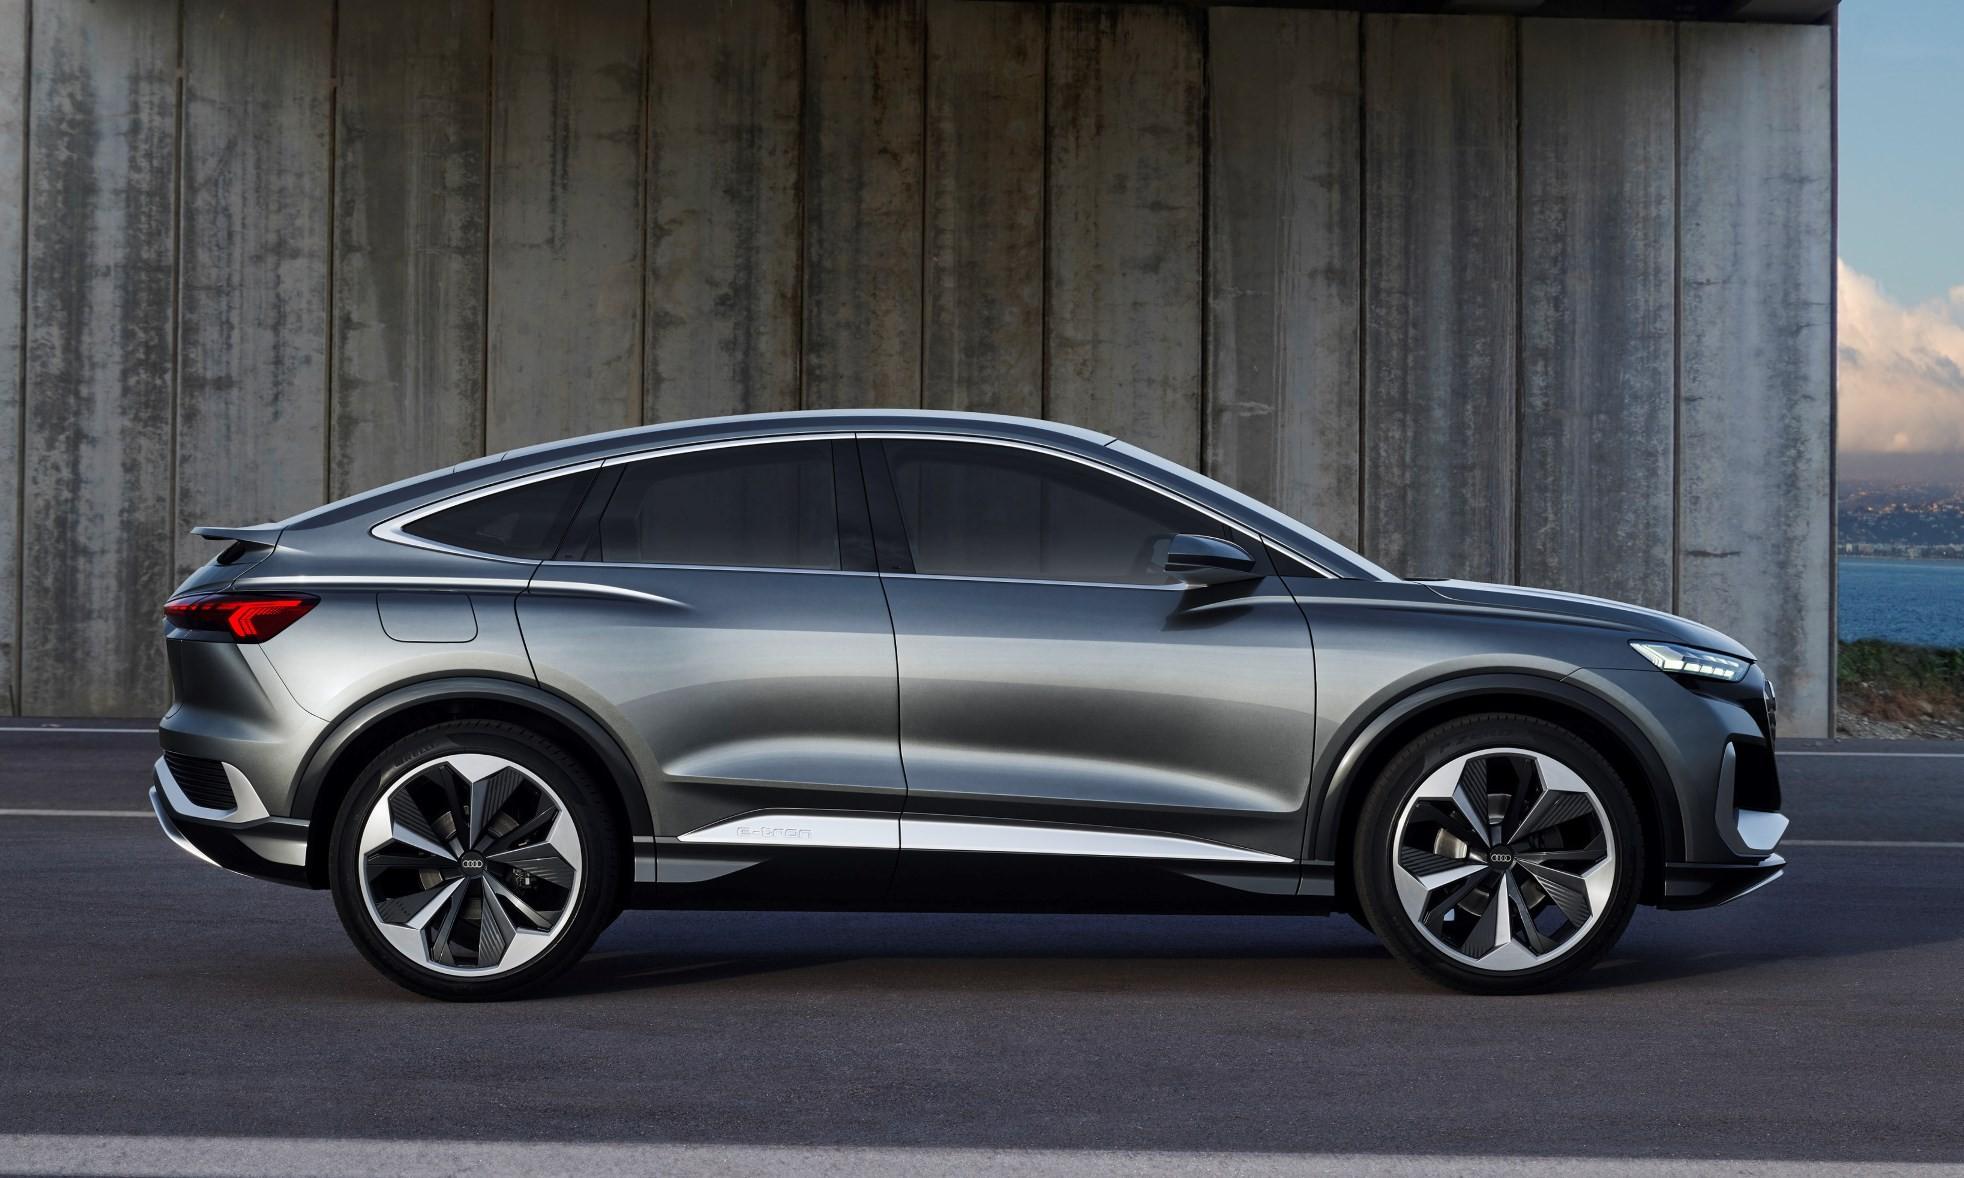 Audi Q4 E-Tron Sportback Concept profile